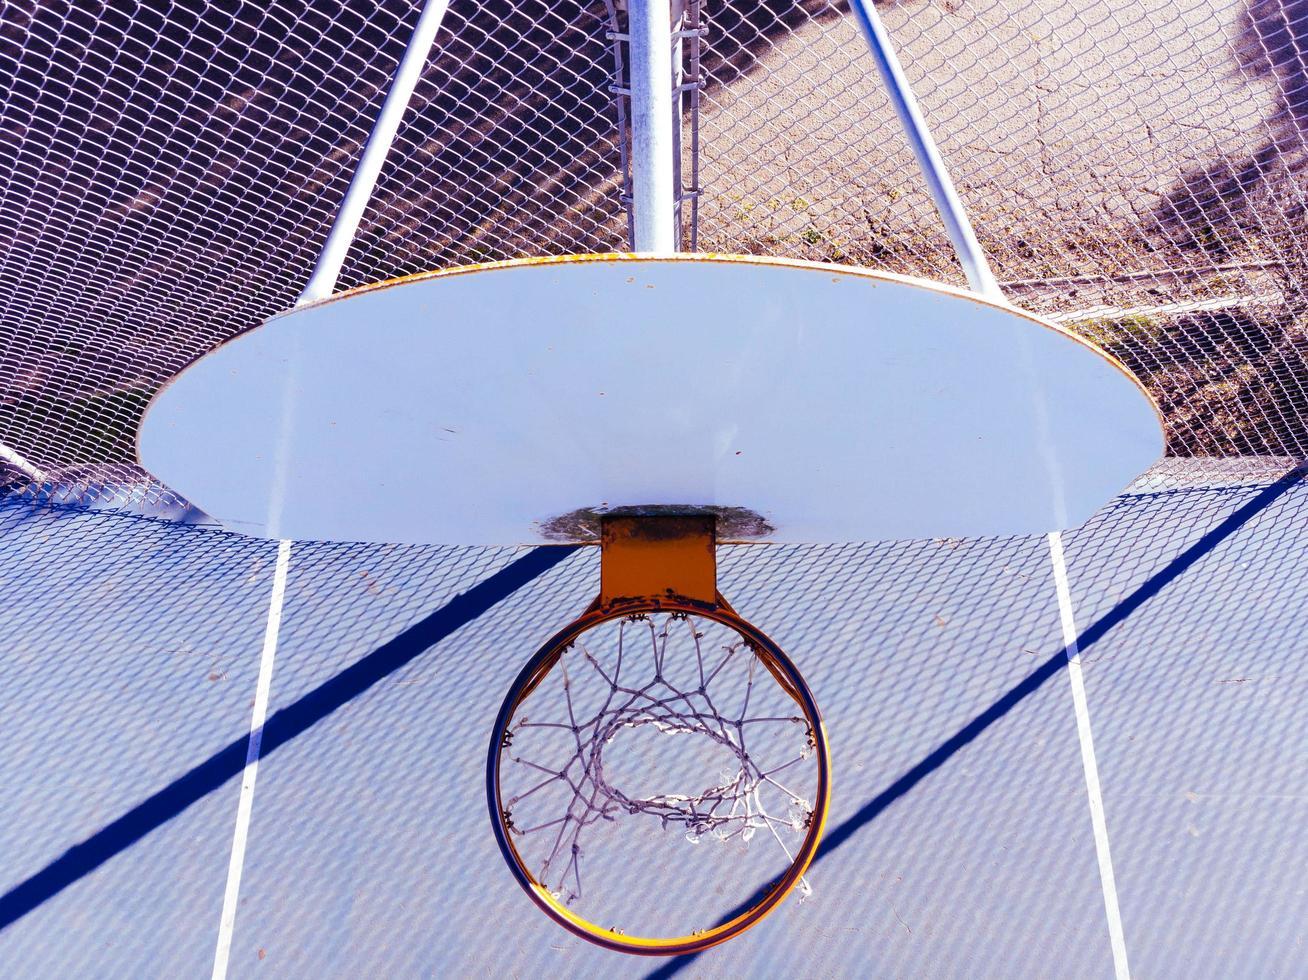 vista dall'alto del canestro da basket durante il giorno foto